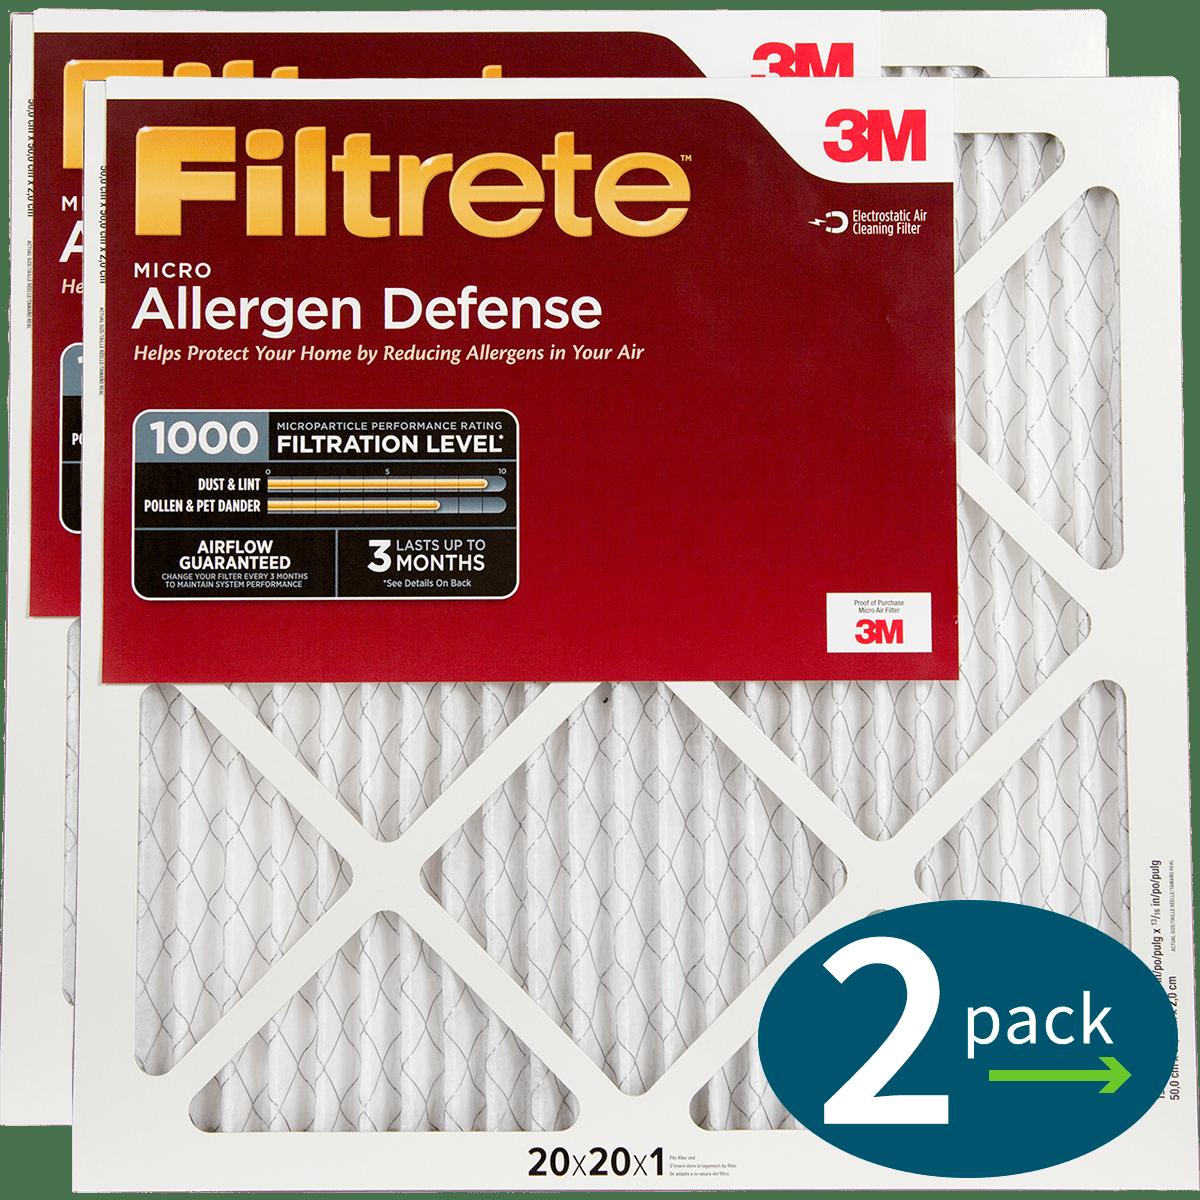 3M Filtrete 1-Inch Micro Allergen Defense MPR 1000 Air Filters - 2 Pack fi5409